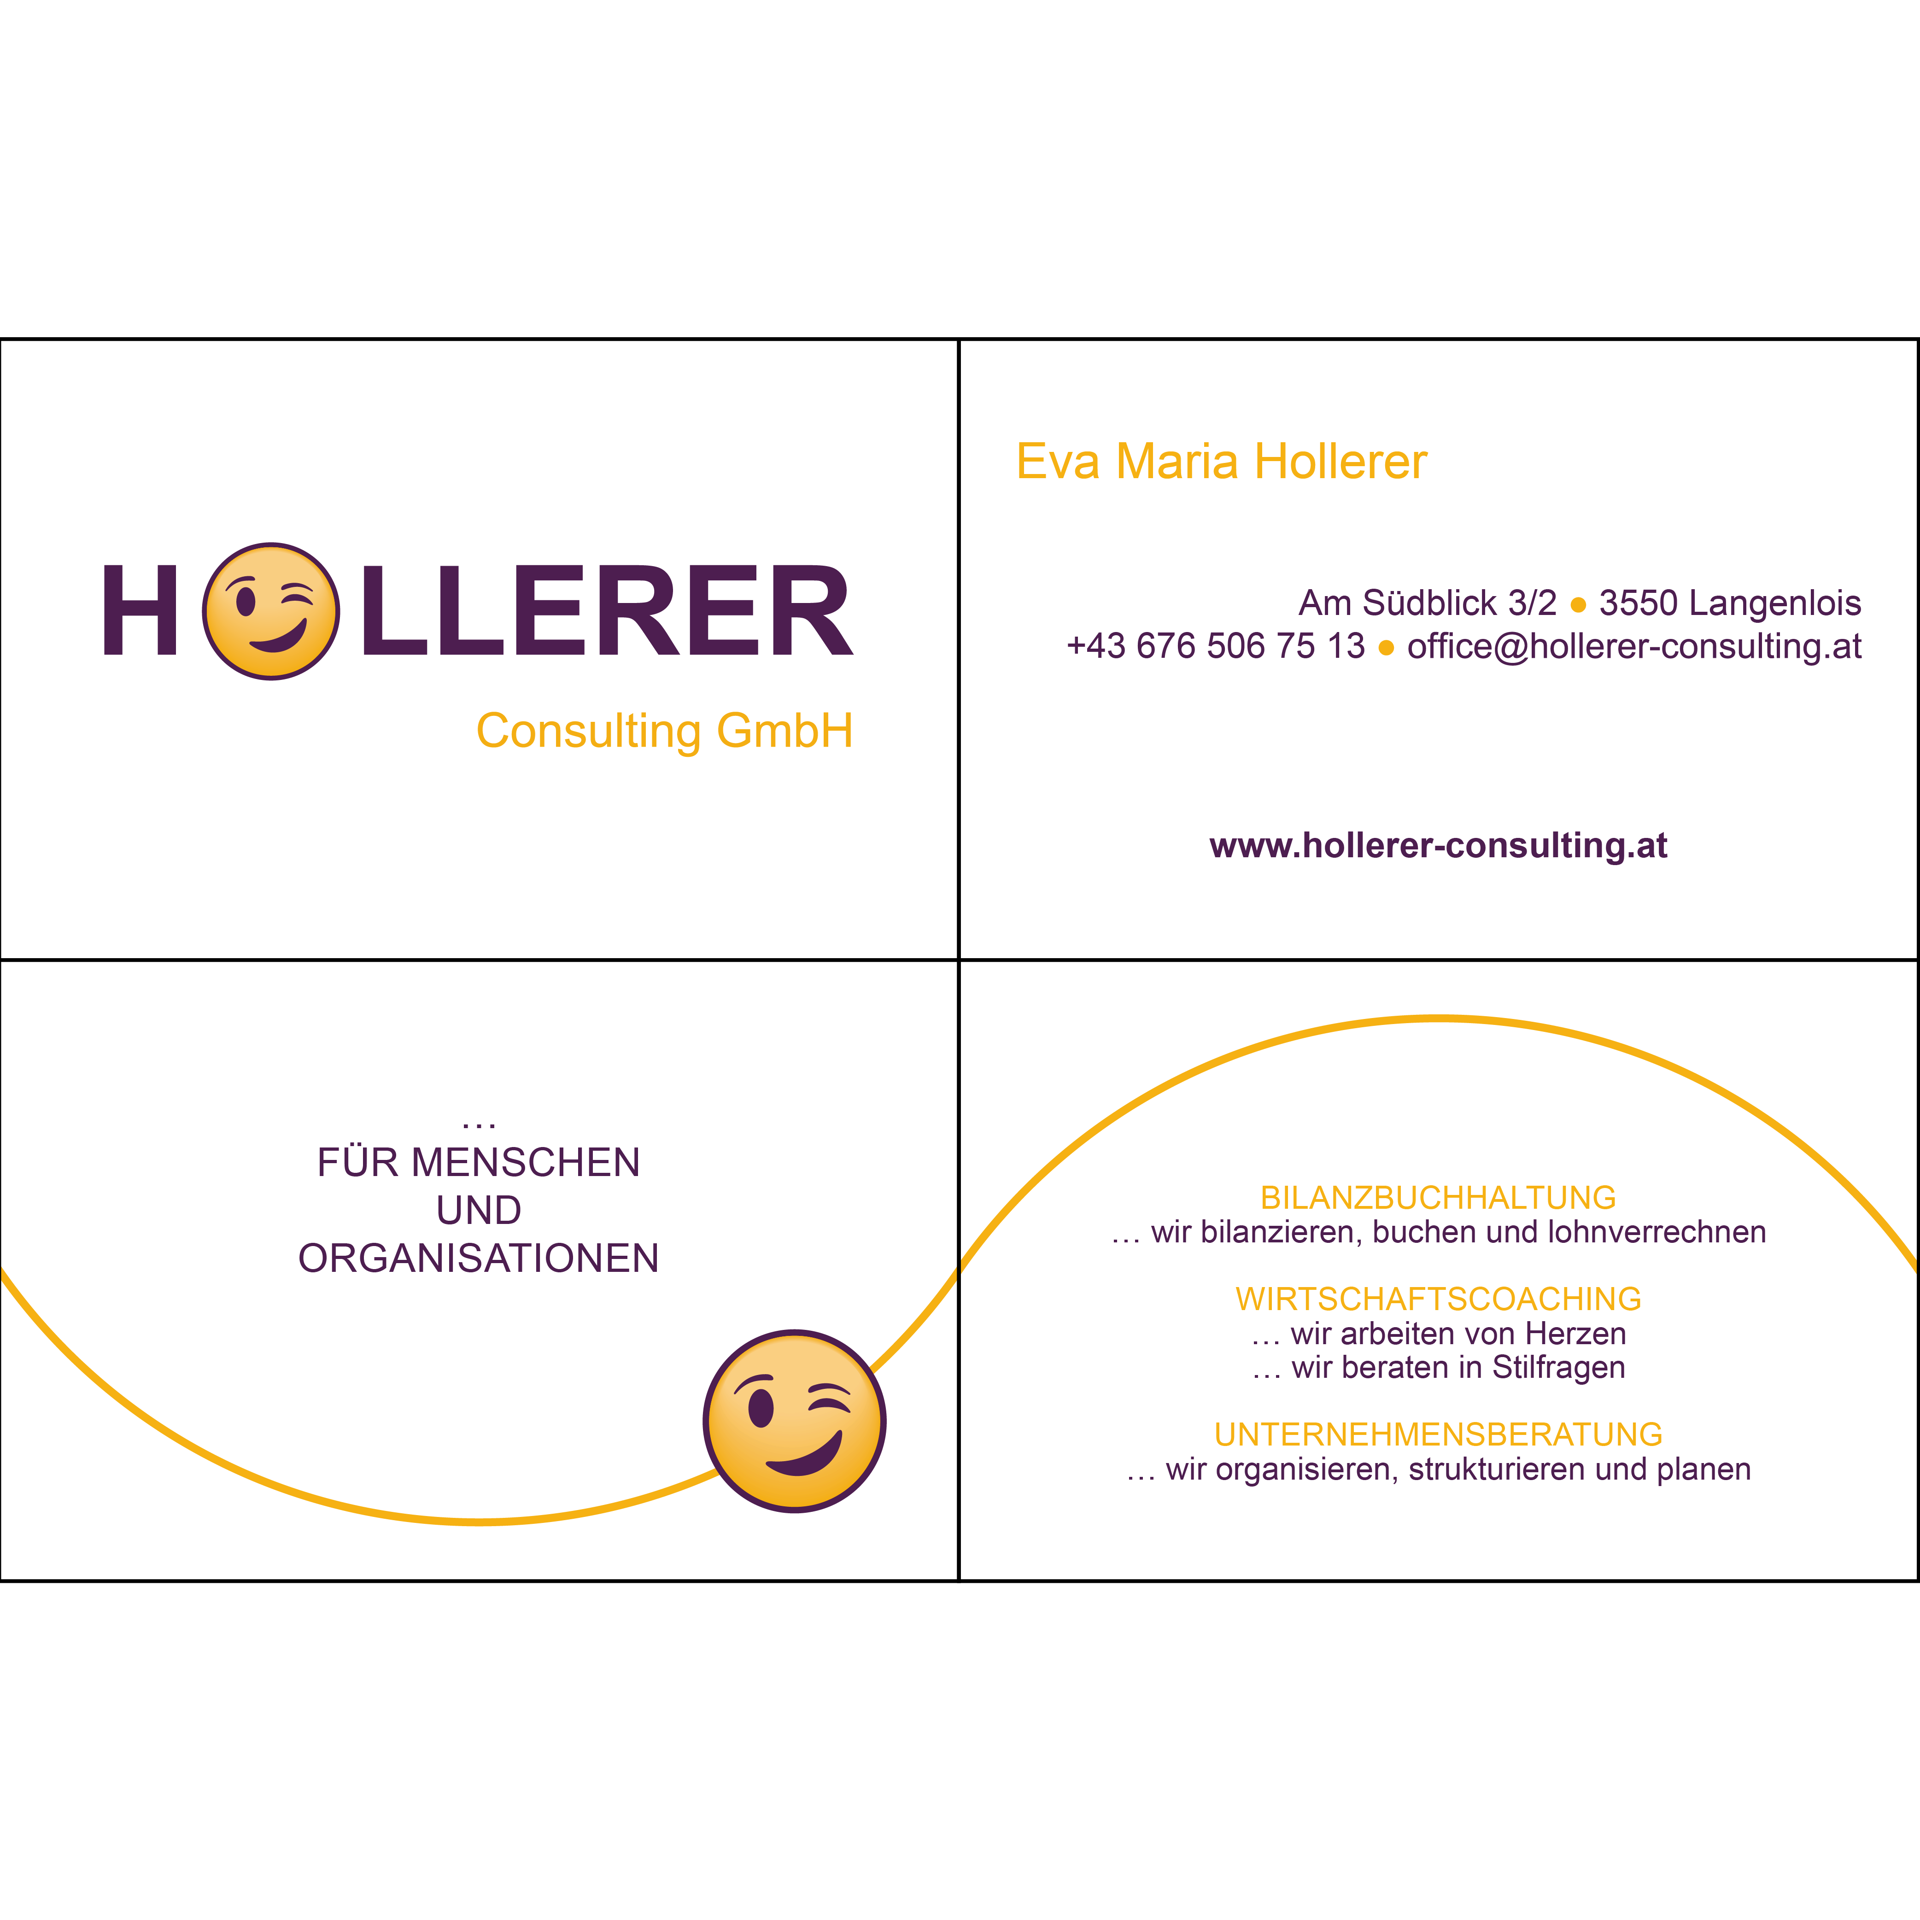 hollerer consulting visitenkarte, vierseitig. info zu kontaktdaten, bilanzbuchhaltung, wirtschaftscoaching und unternehmensberatung